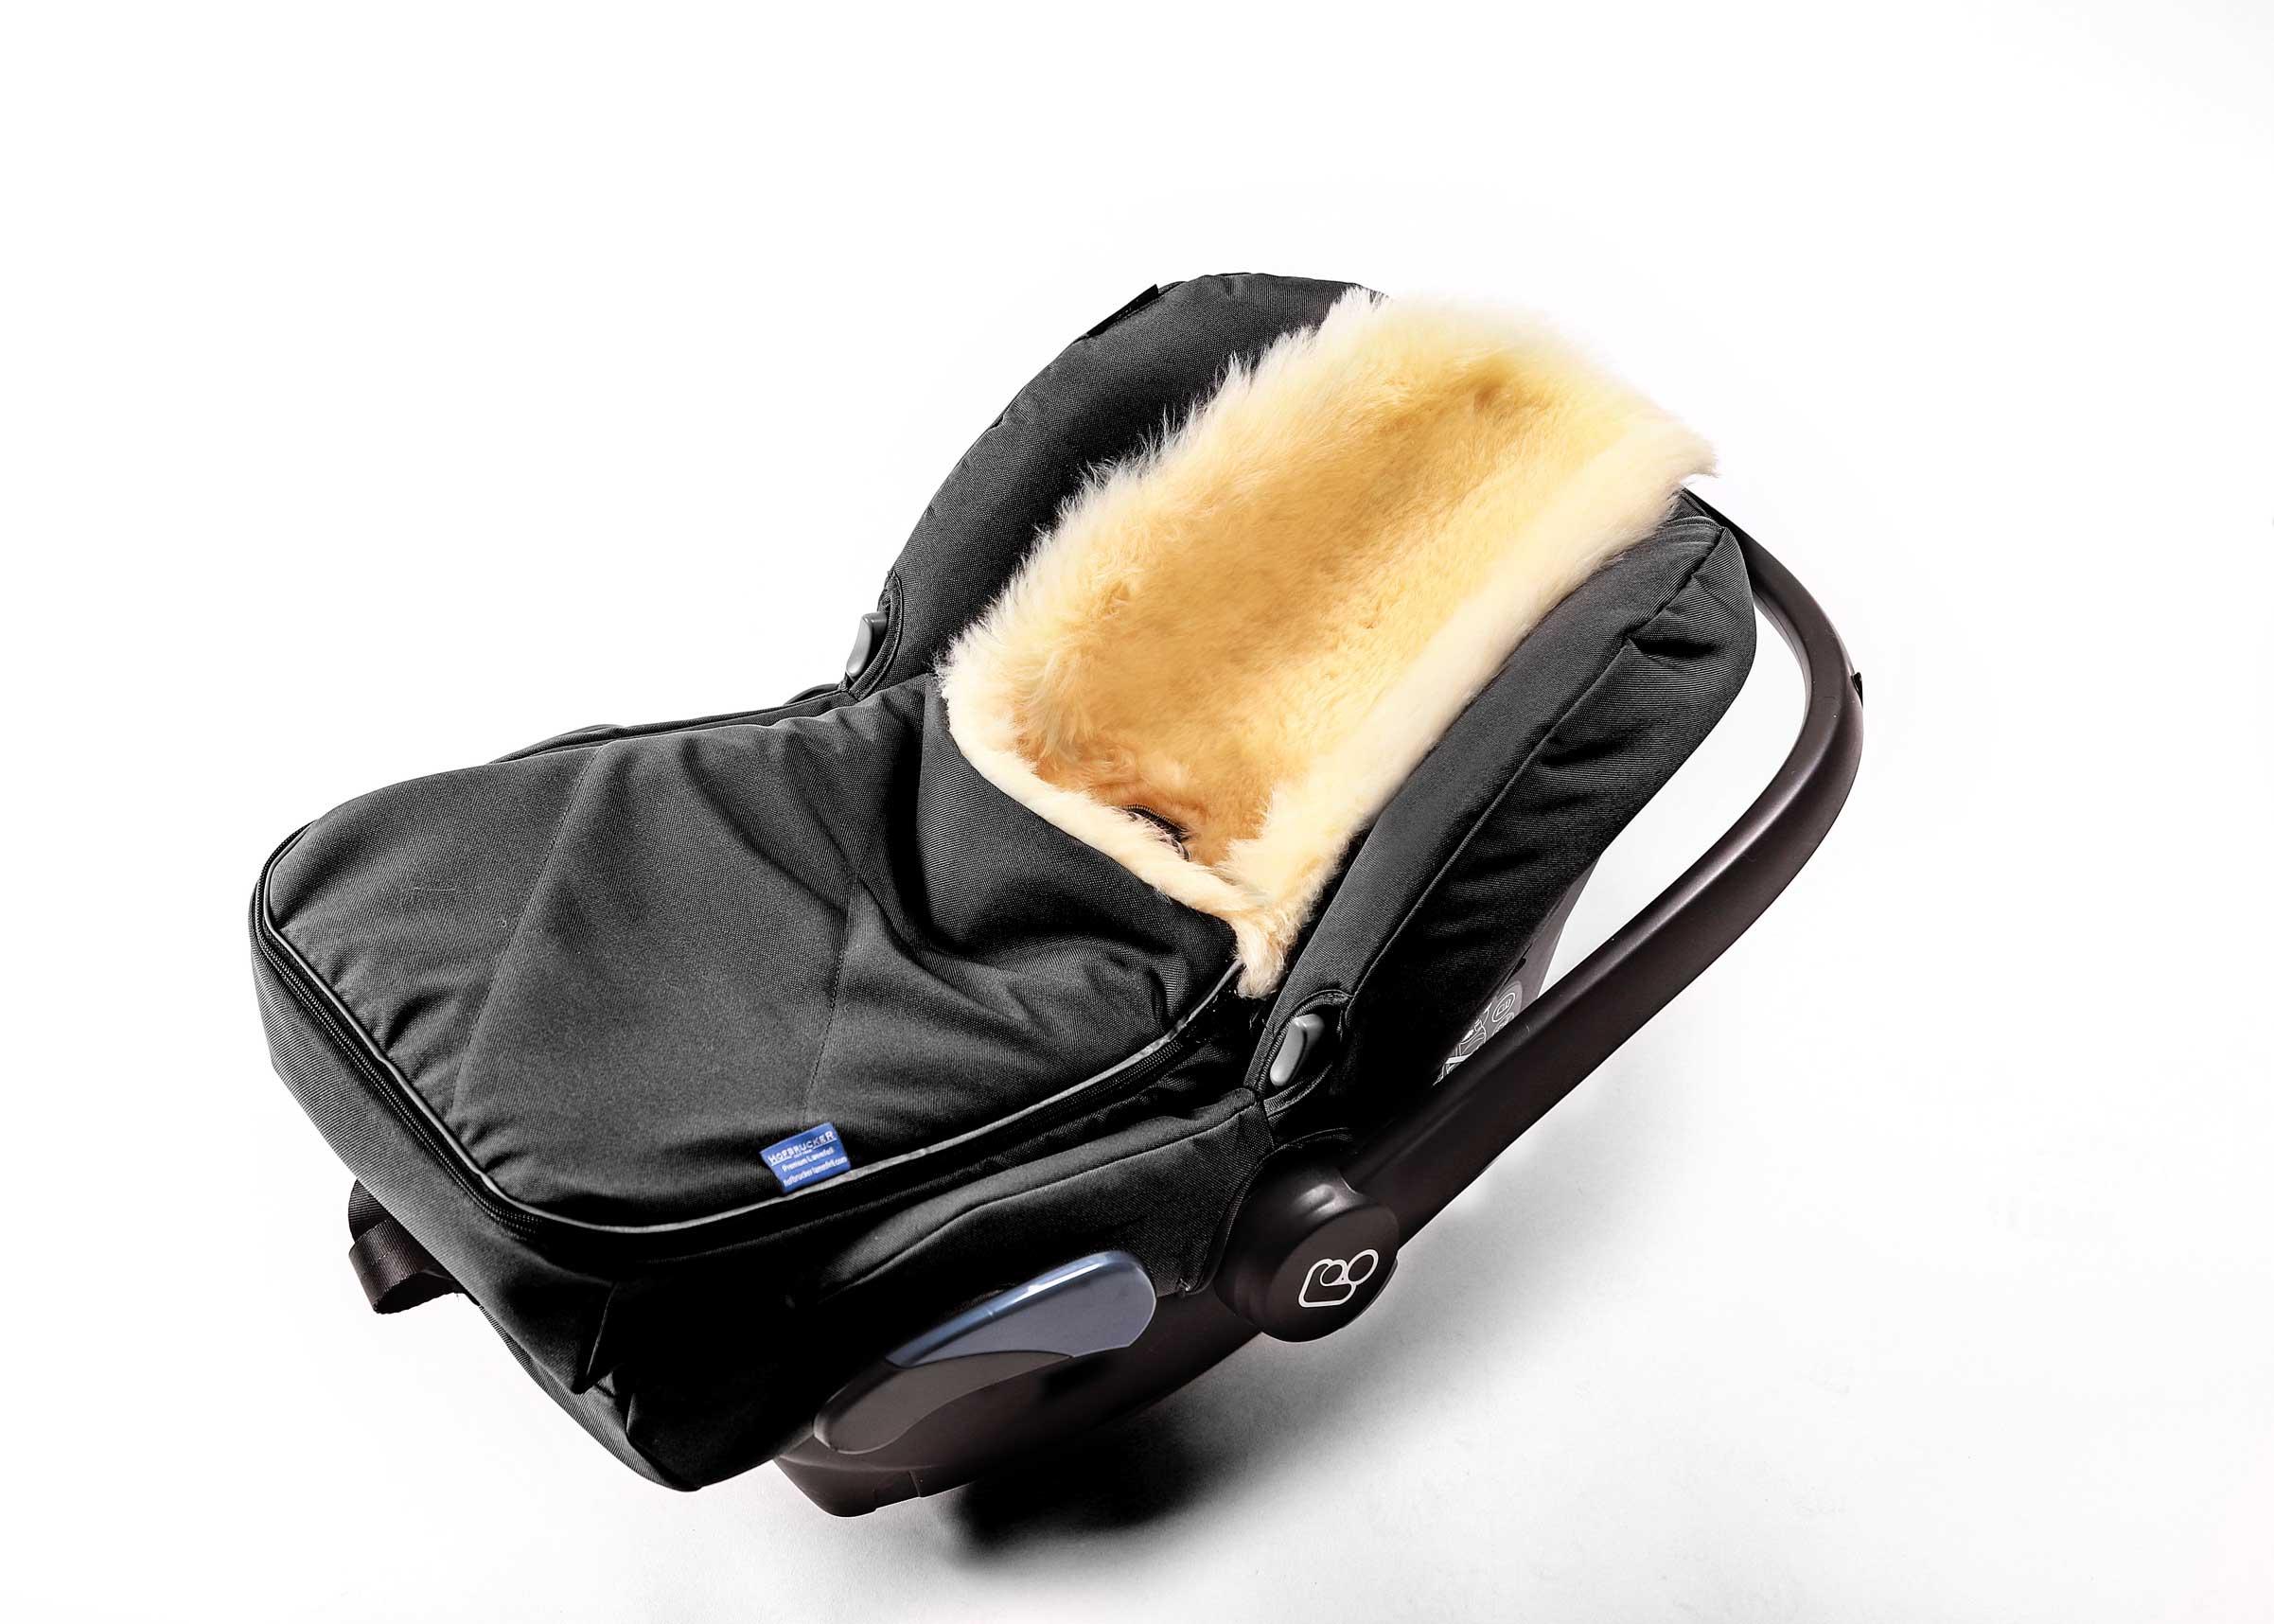 Hofbrucker Lammfell-Fußsack Maxi für Babyschale